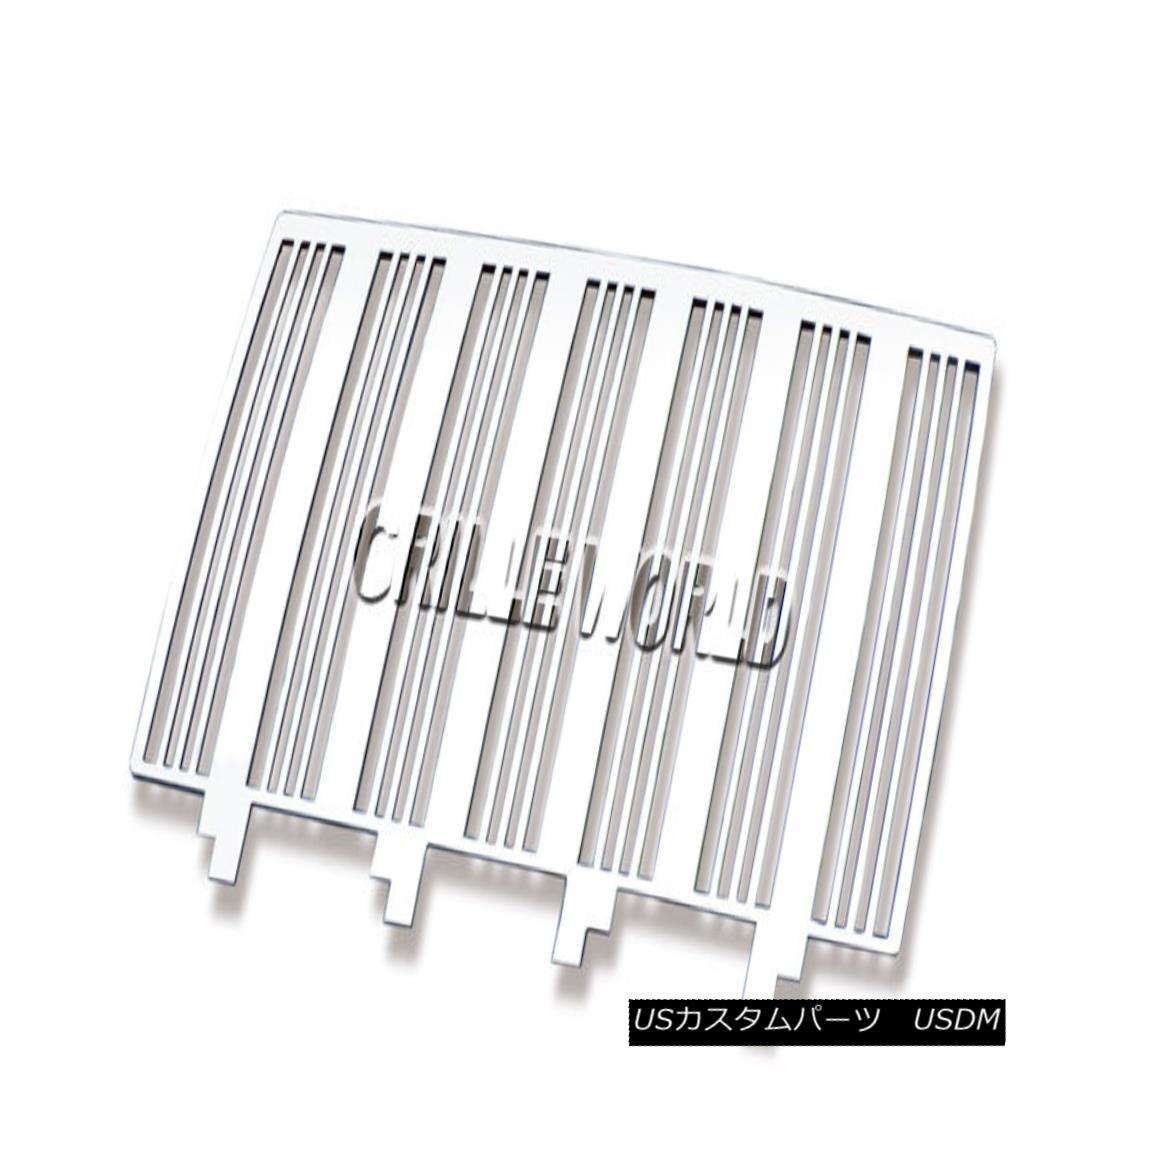 グリル For 2007-2017 Jeep Wrangler Vertical Perimeter CNC Cut Grille nsert 2007-2017ジープラングラー垂直周縁CNCカットグリルインサート